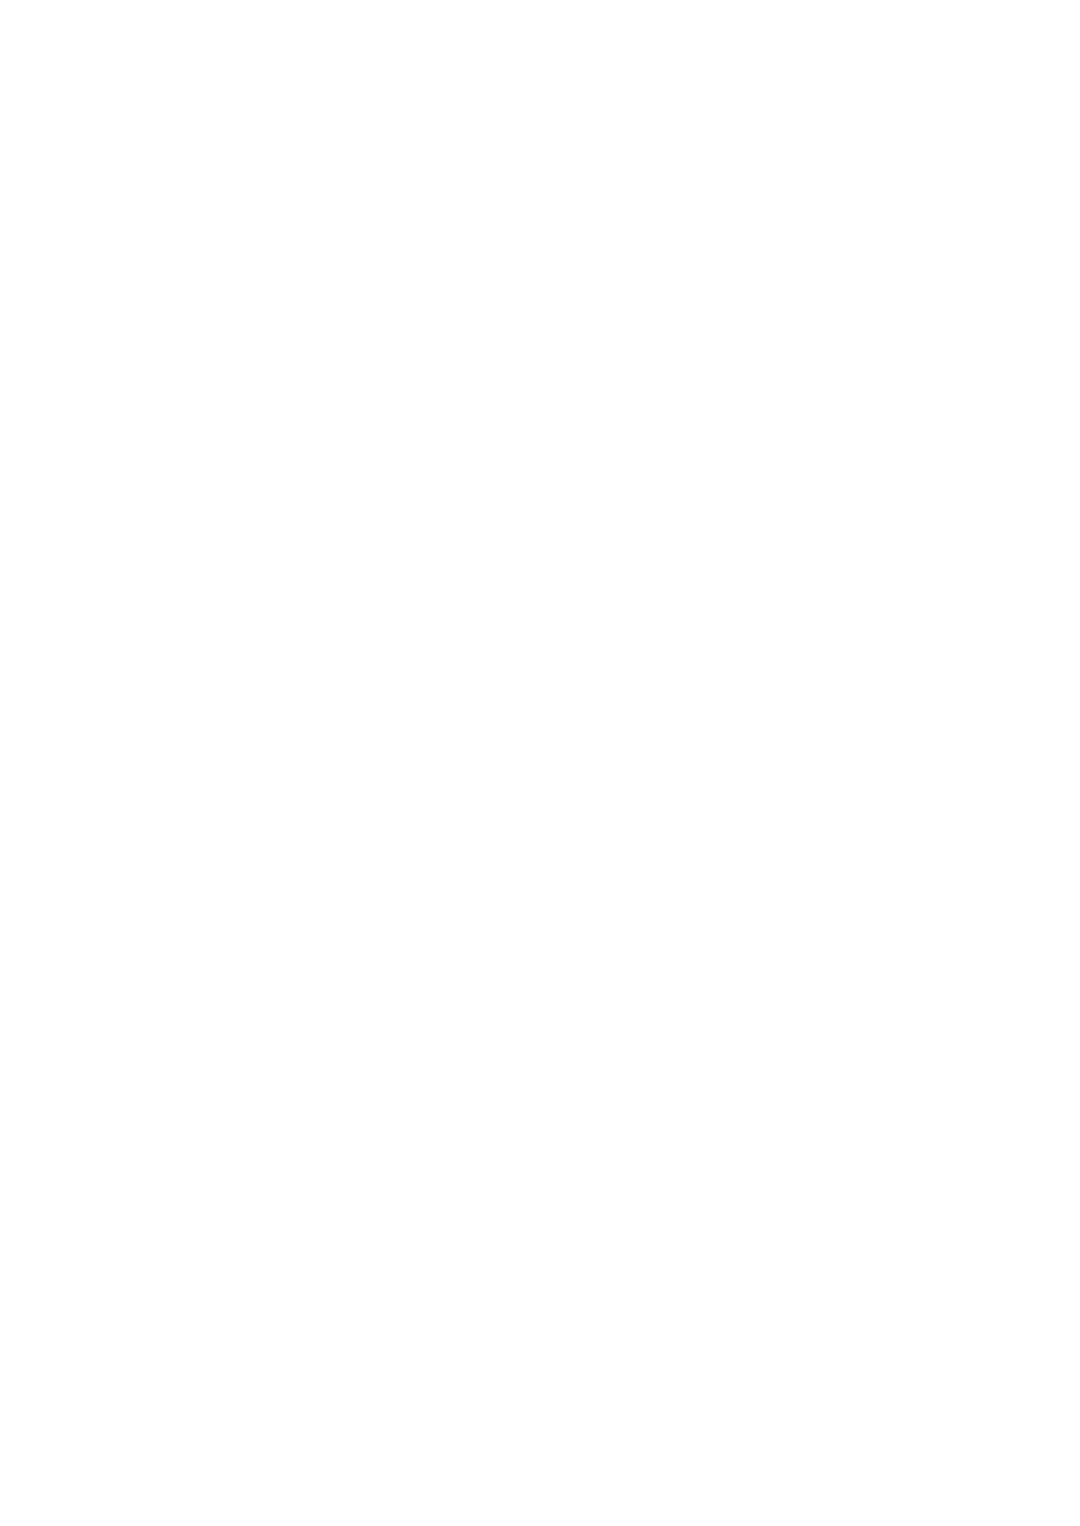 【エロ同人誌】寝相の悪さ以外に非の打ち所がない女の子椛ちゃん…寝ているときはノーガードの椛ちゃんにムラムラした家主が夜這いセックスで射精タイムを満喫する!【志々じゅうろく:眠っている椛のお尻があまりにもスケベなのでオナホ感覚で使わせてもらう本】